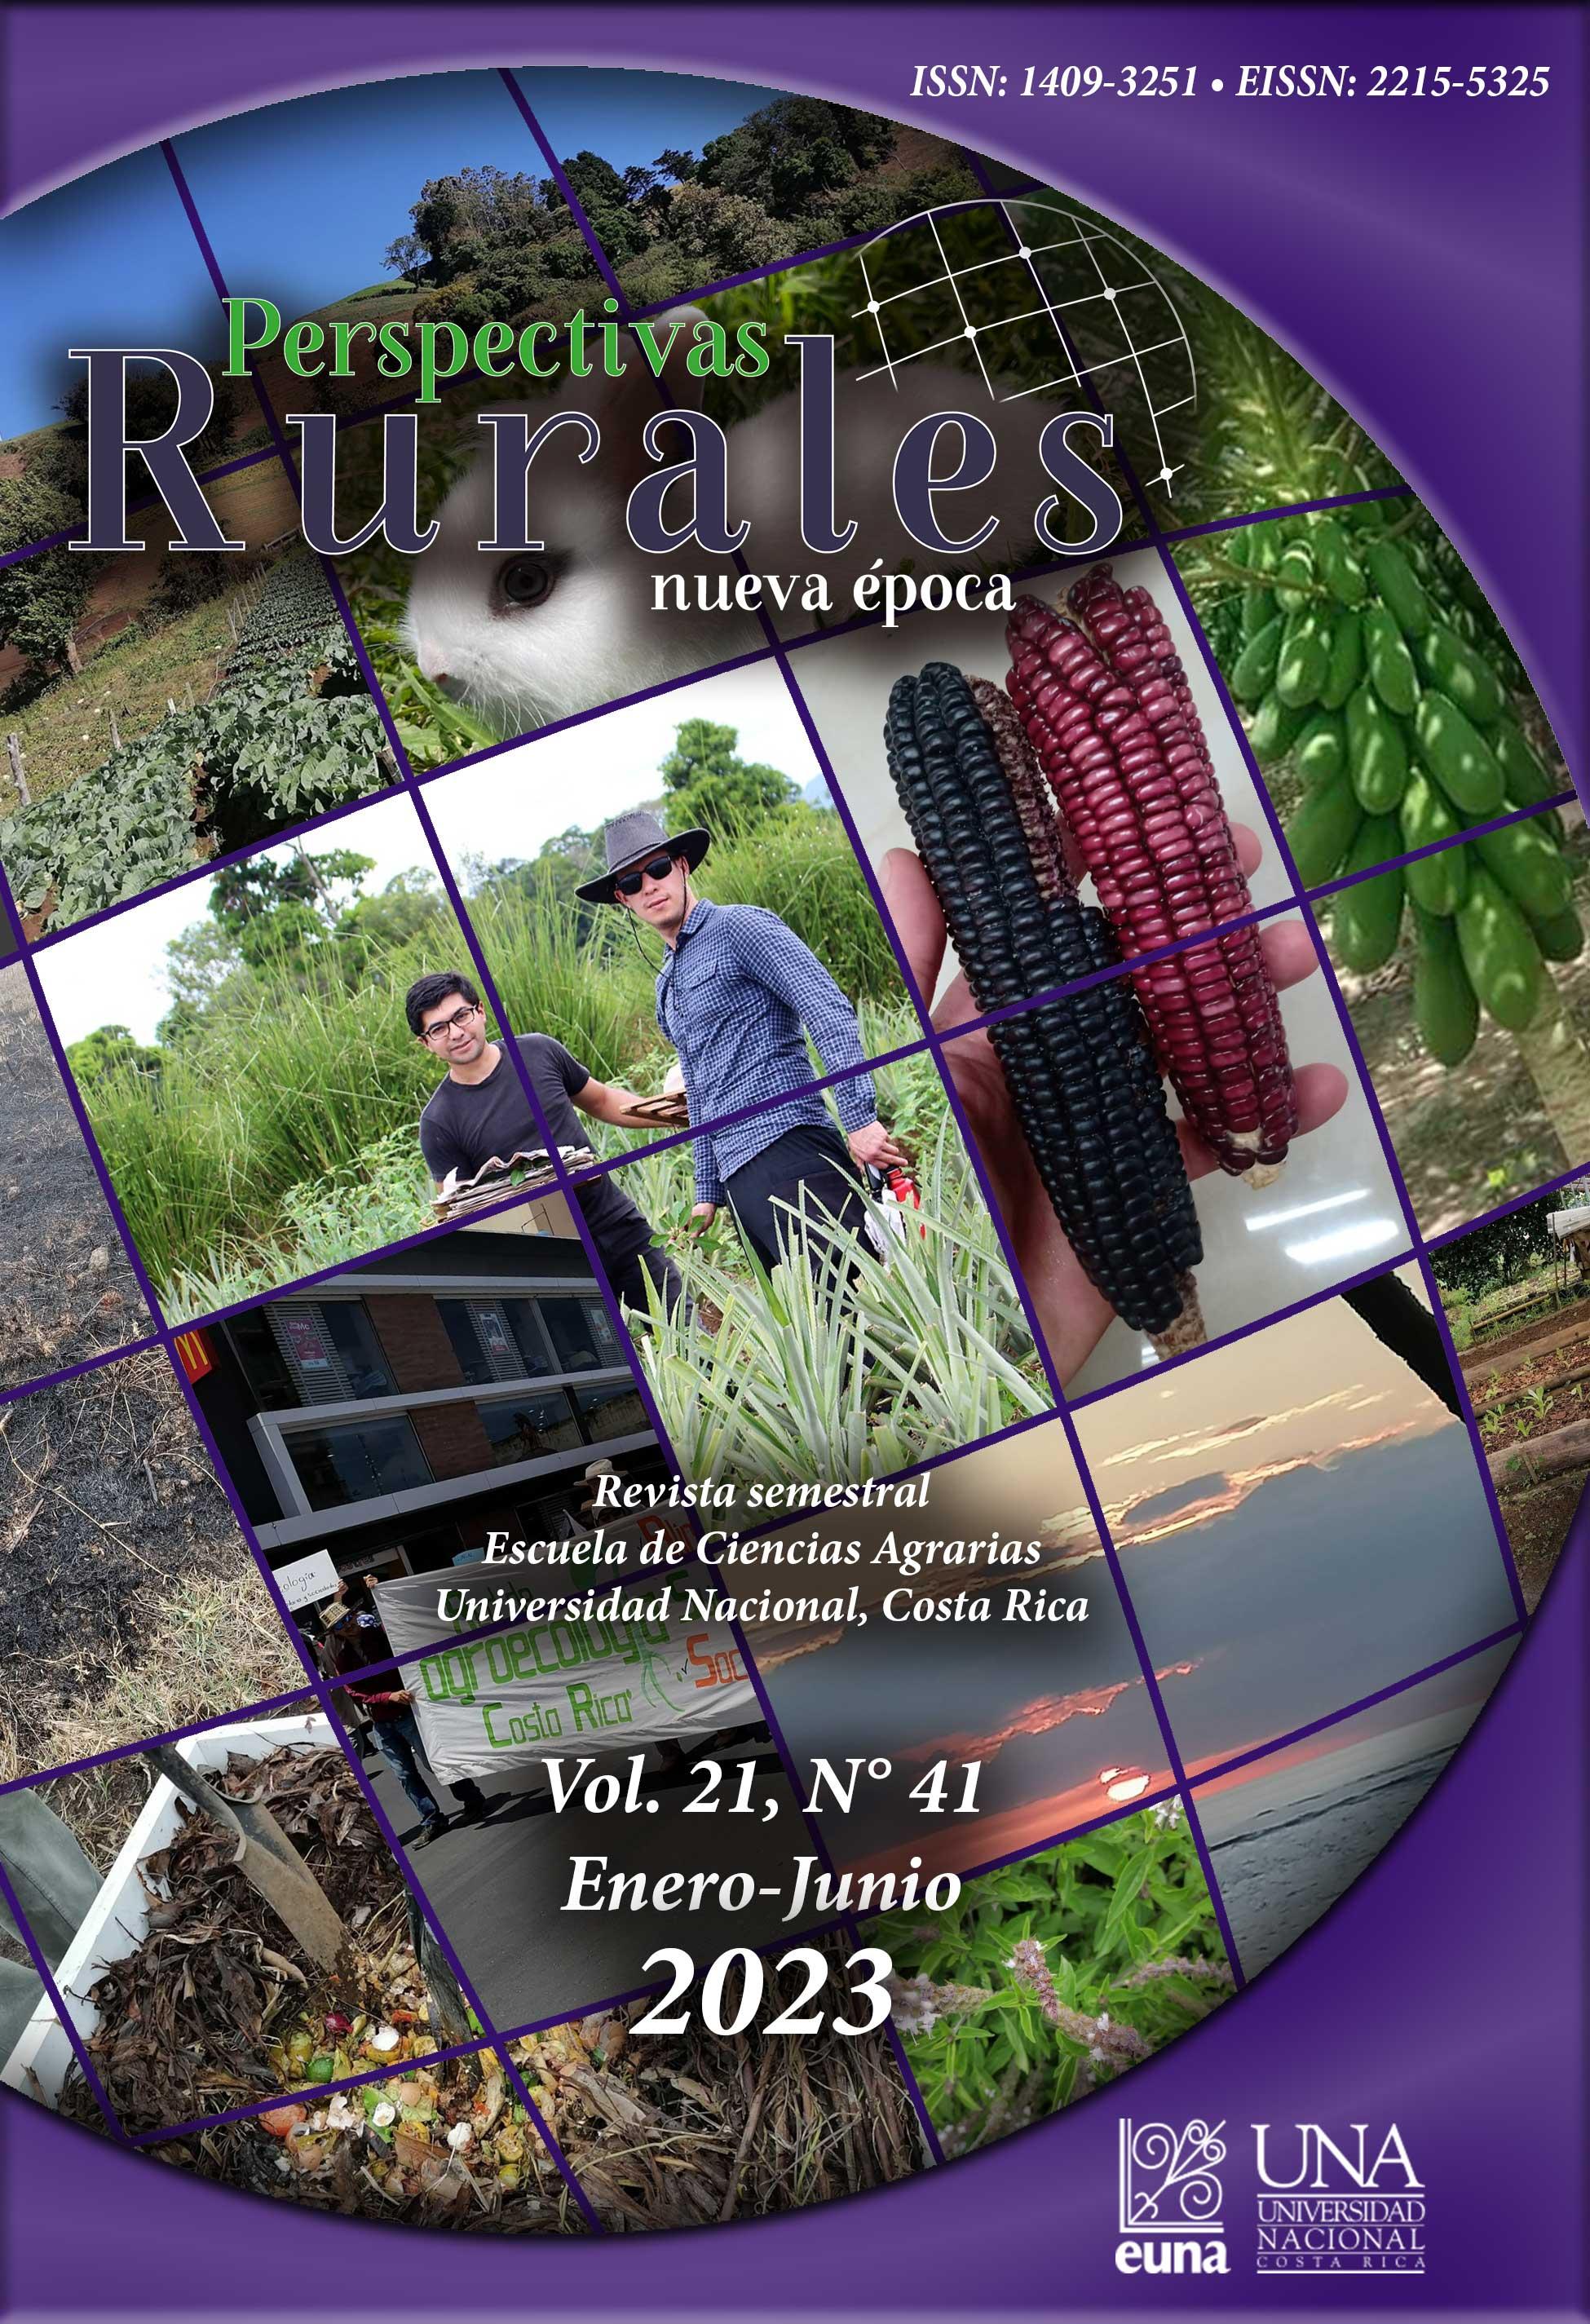 Revista Perspectivas Rurales Nueva Época